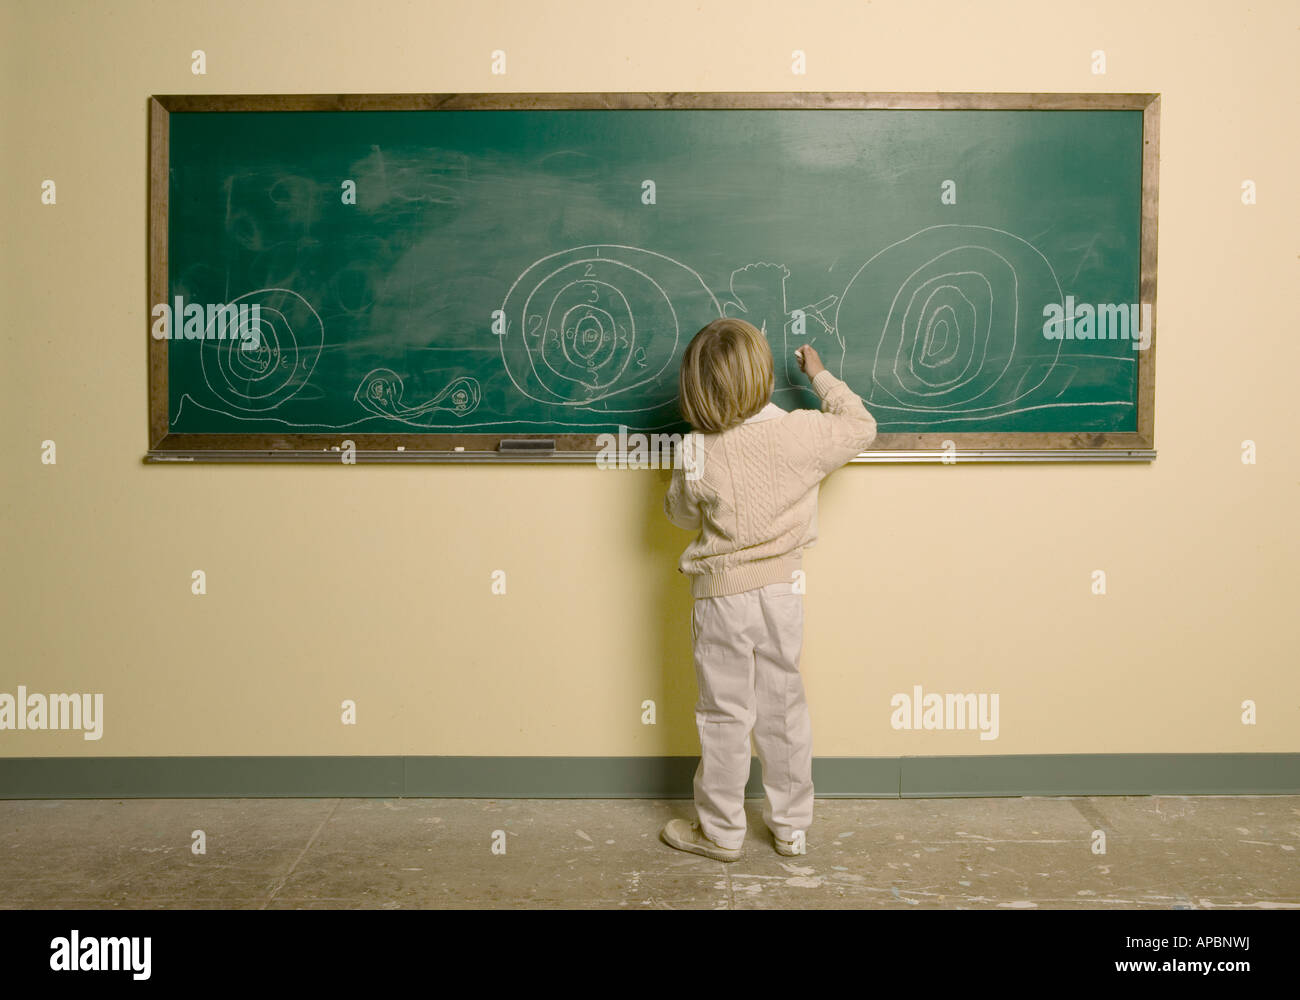 Ragazzo giovane scrive con il gesso sulla grande orizzontale chalk board idee pensare la creazione di learning progettazione Foto Stock